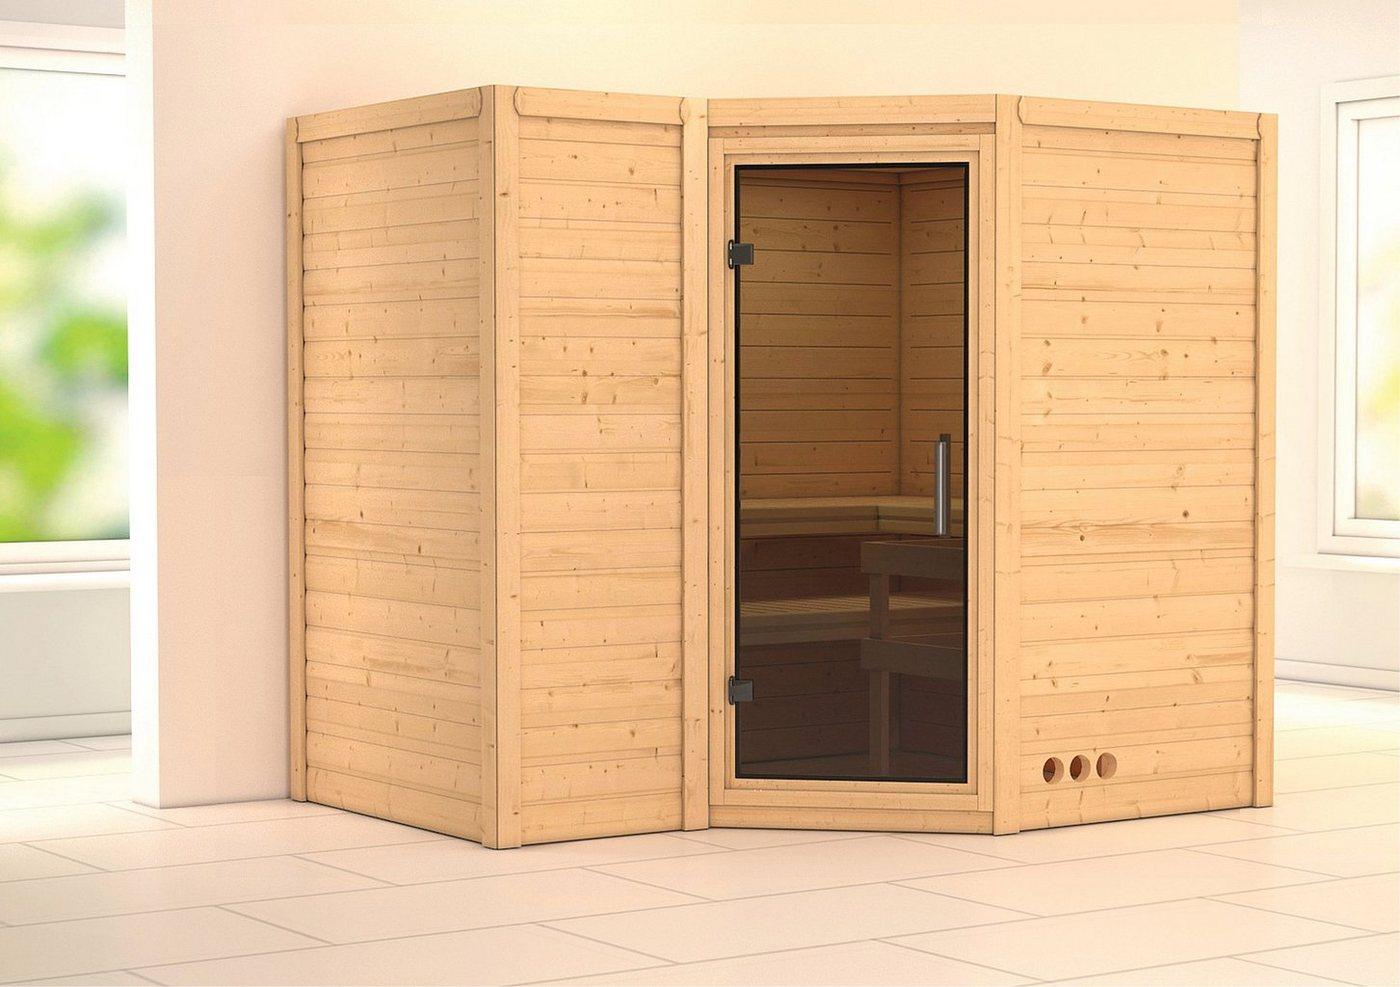 KARIBU Sauna »Sahib 2«, 236/184/206 cm, 9-kW-Ofen mit int. Steuerung, Glastür grafit